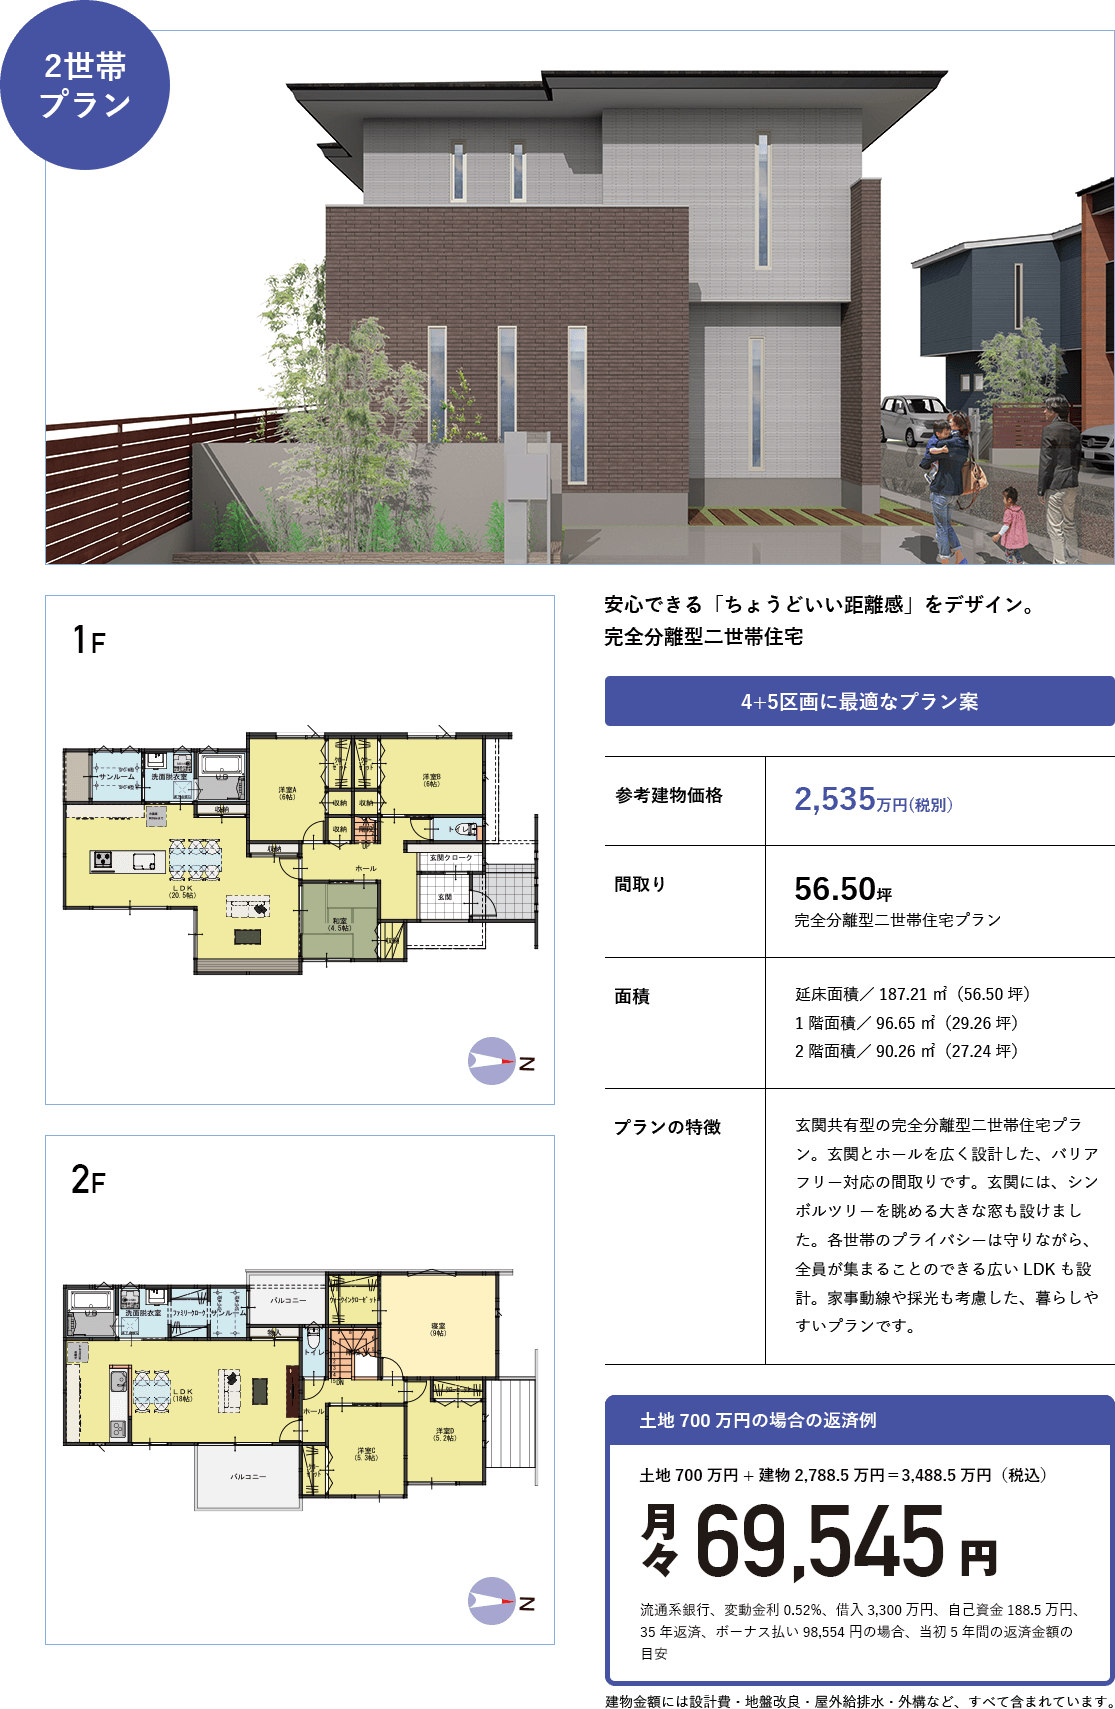 プライバシーは守りながら仲良く暮らす完全分離型ニ世帯住宅モデル